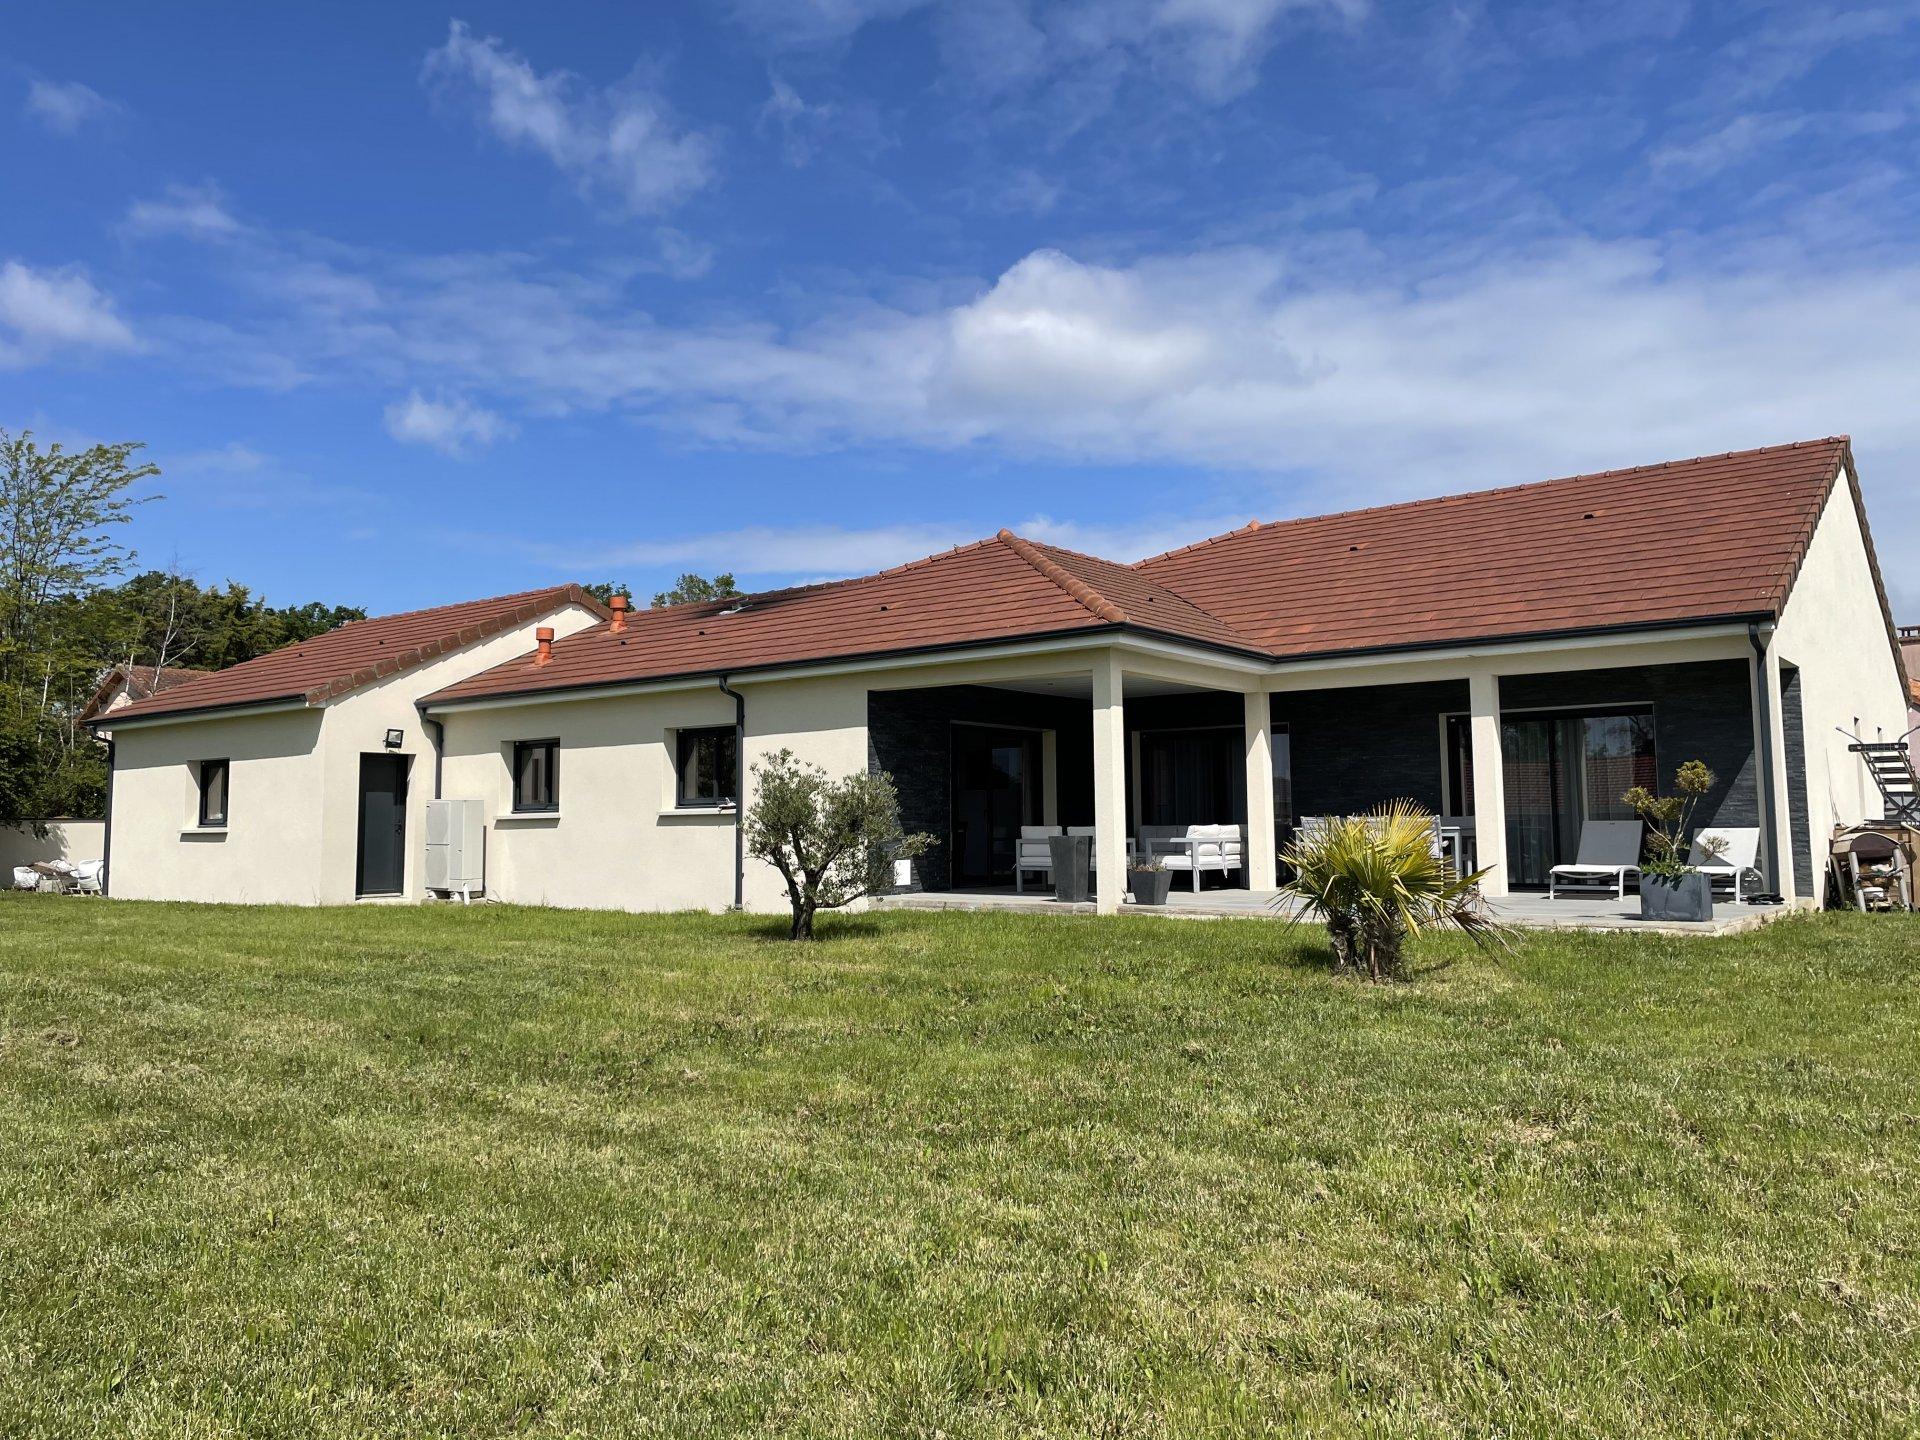 6168JMM - Maison Architecte, Sortie Agglo VICHY